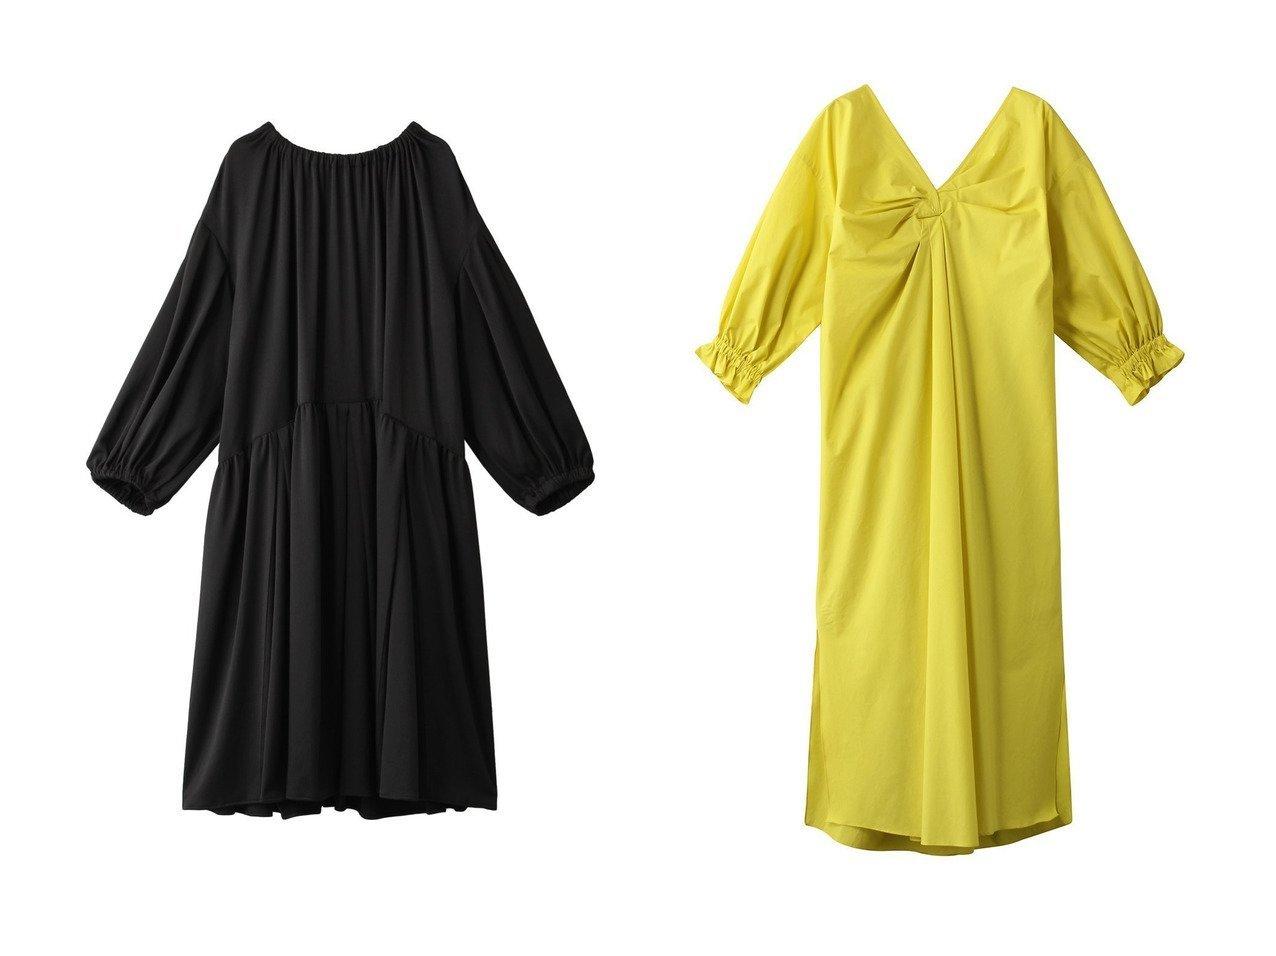 【muller of yoshiokubo/ミュラー オブ ヨシオクボ】のタックスカートドレス&【Rawtus/ロゥタス】のコットンツイストドレープドレス ワンピース・ドレスのおすすめ!人気、レディースファッションの通販  おすすめで人気のファッション通販商品 インテリア・家具・キッズファッション・メンズファッション・レディースファッション・服の通販 founy(ファニー) https://founy.com/ ファッション Fashion レディース WOMEN ワンピース Dress ドレス Party Dresses シンプル トレンド ドレス リボン ツイスト ドレープ  ID:crp329100000000693